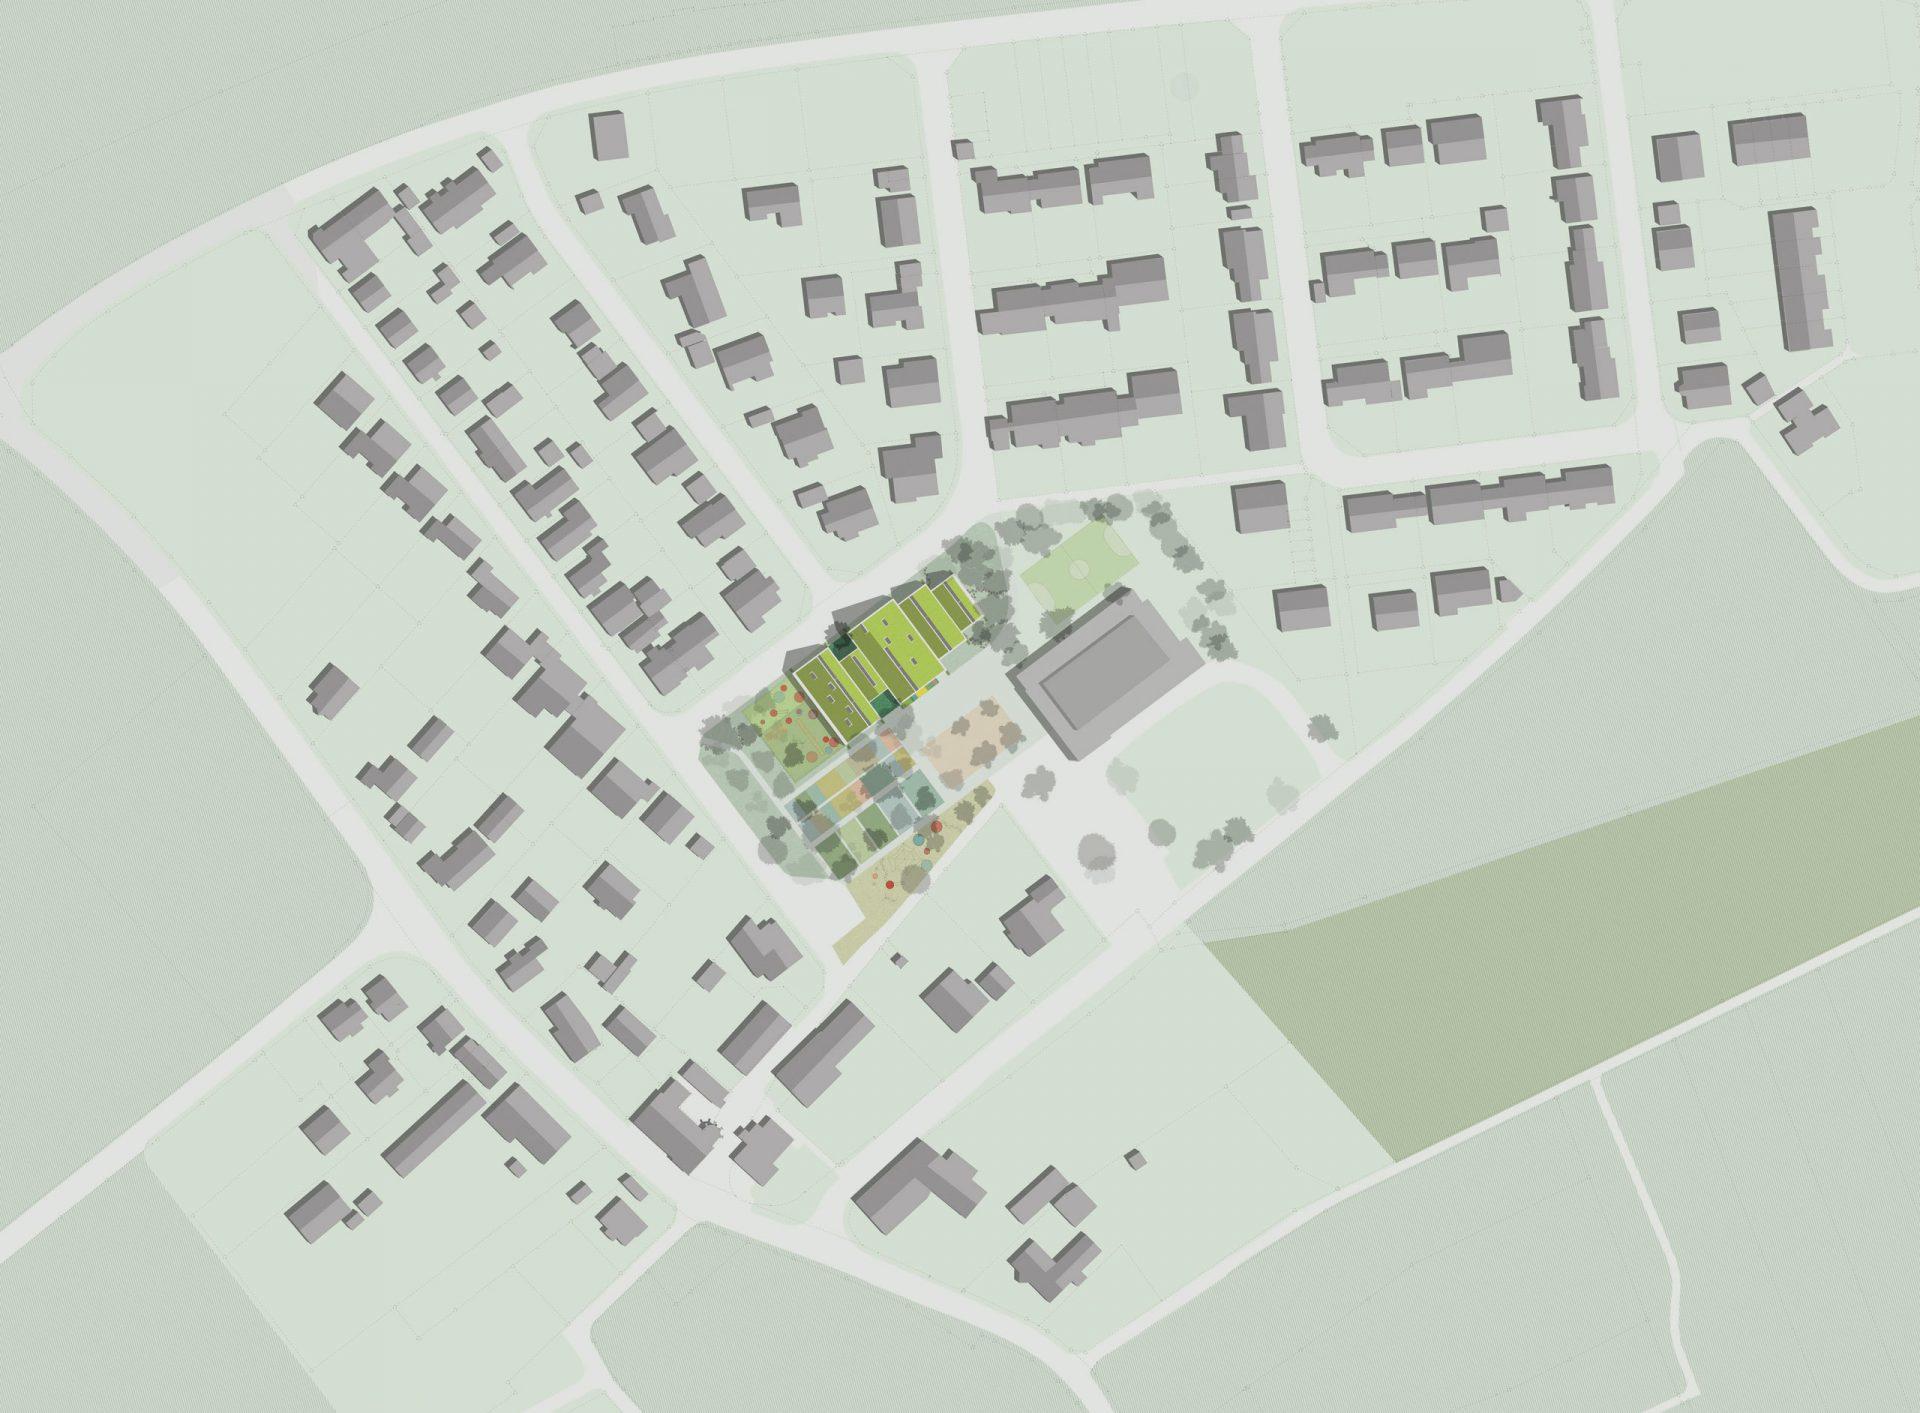 Ulm Site Plan